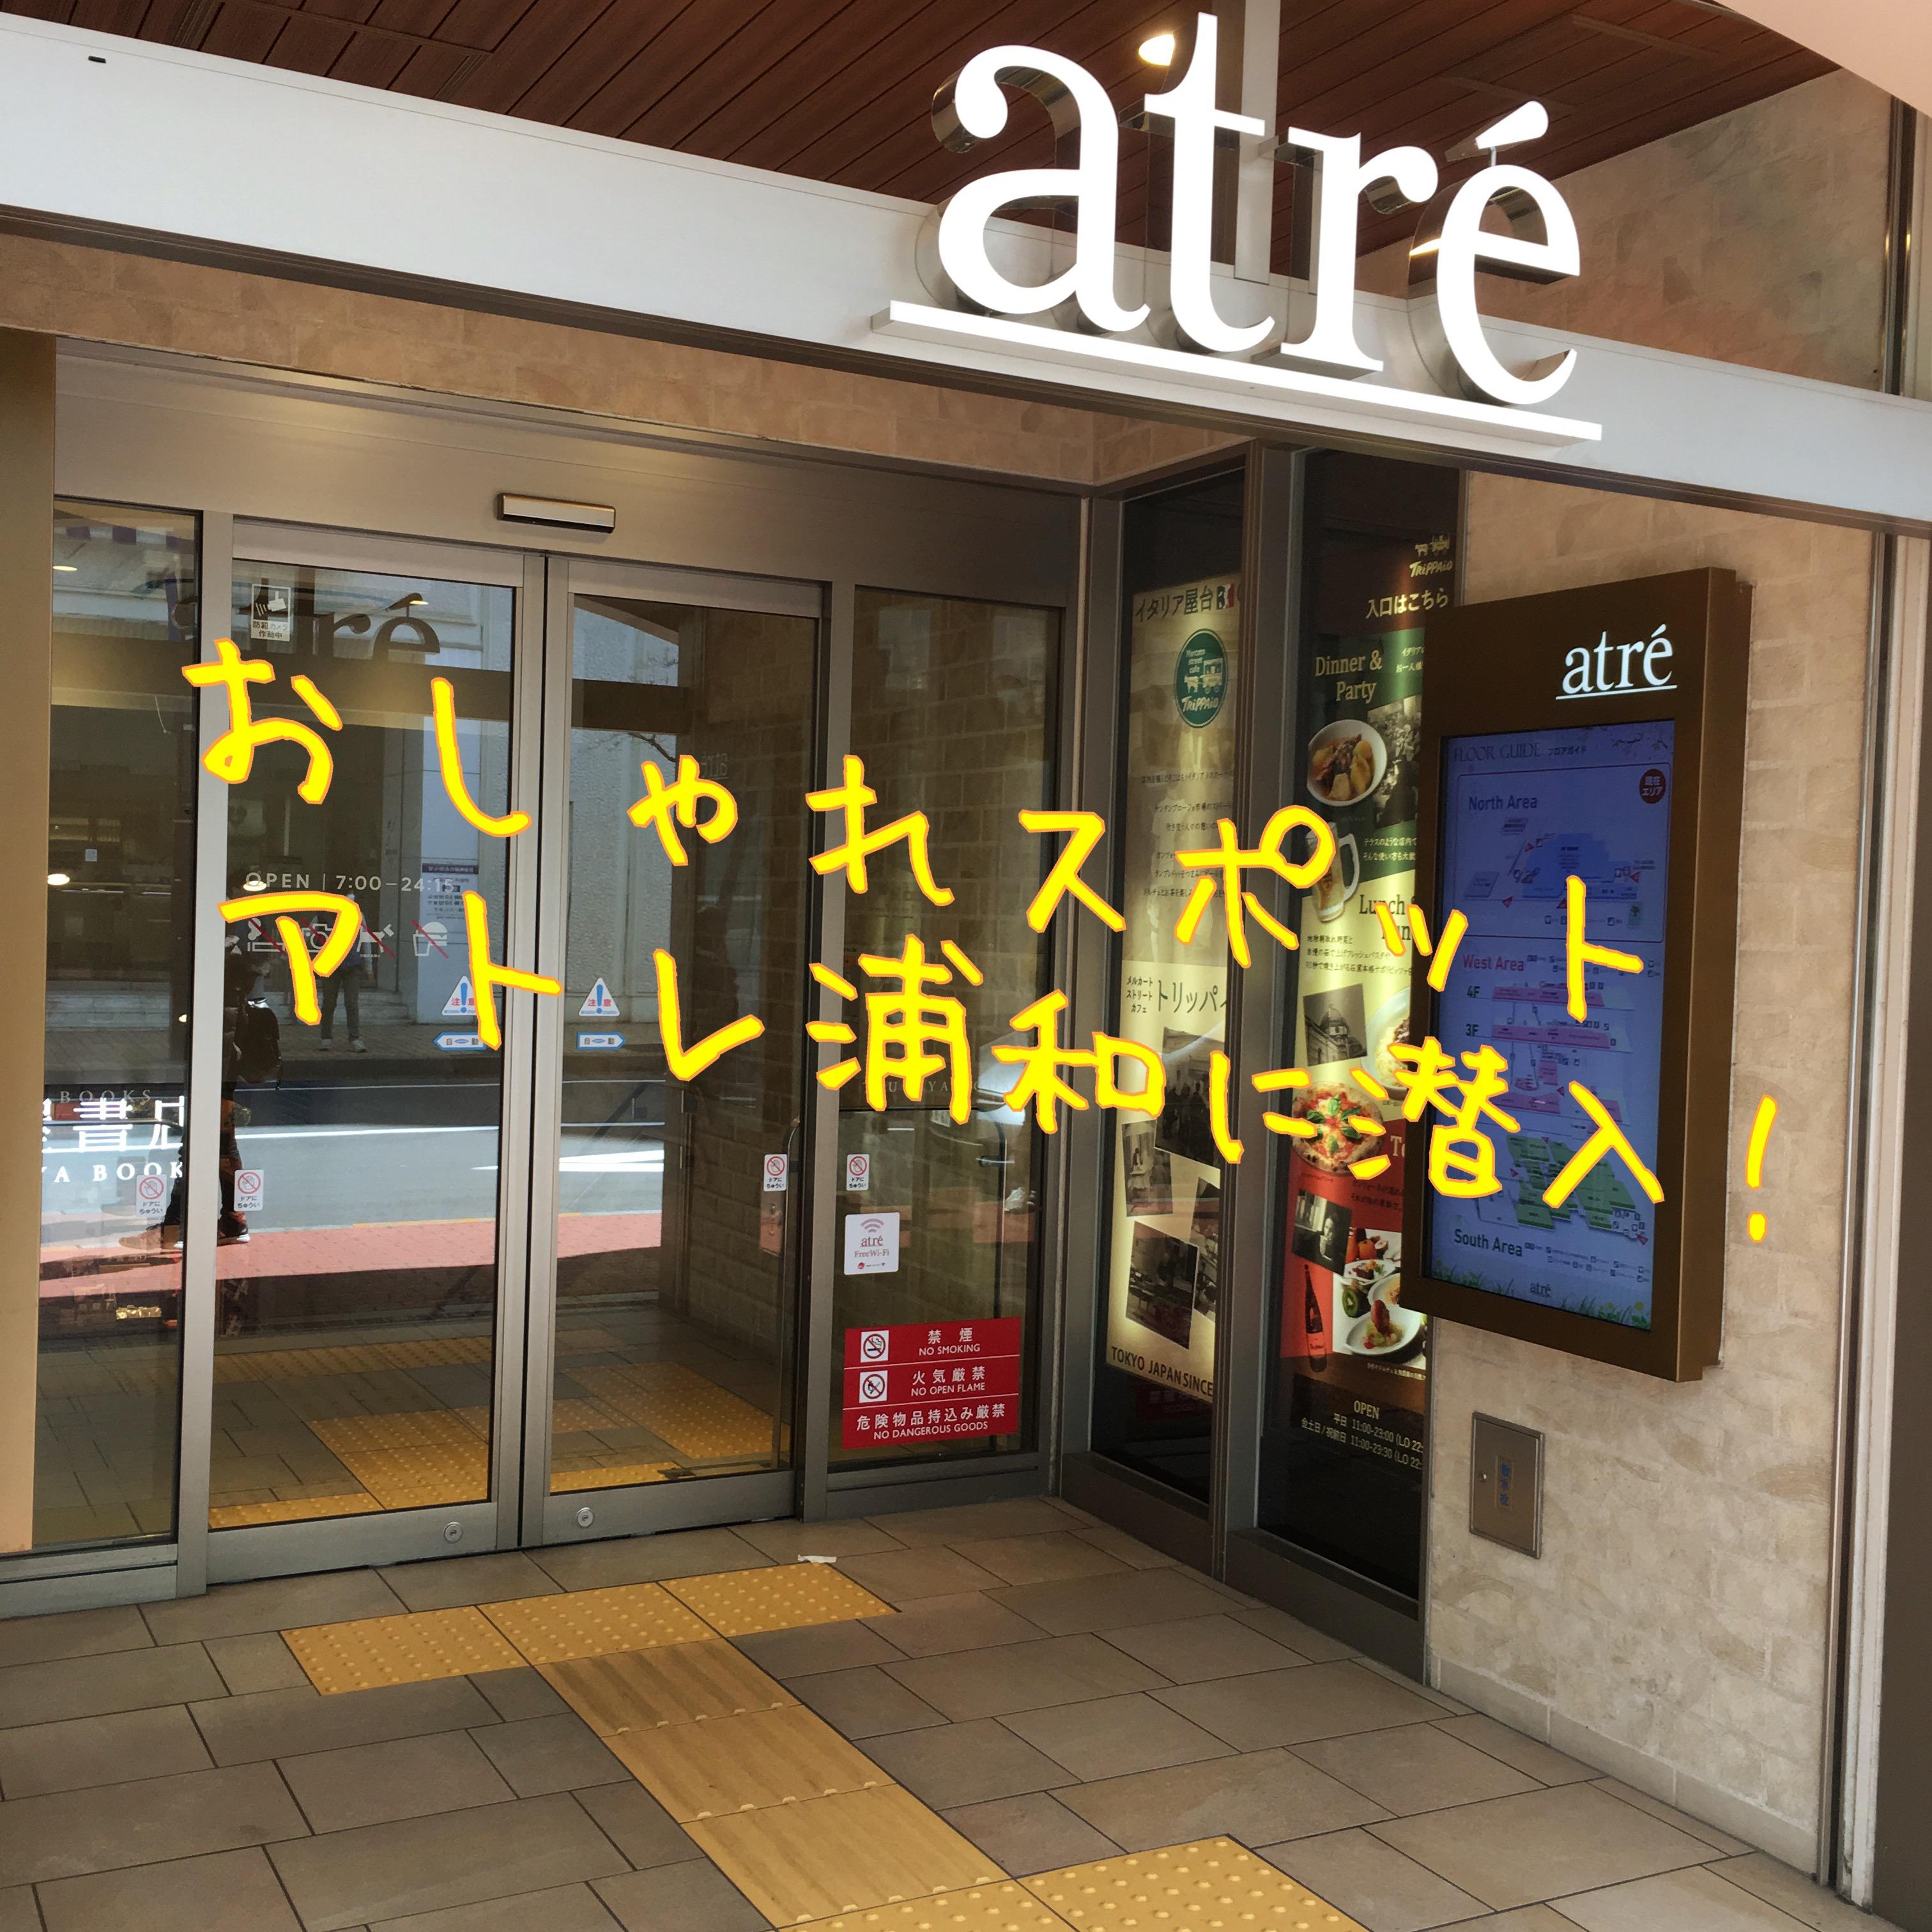 アトレ浦和はおしゃれなランチスポットだった!【各エリア調査】